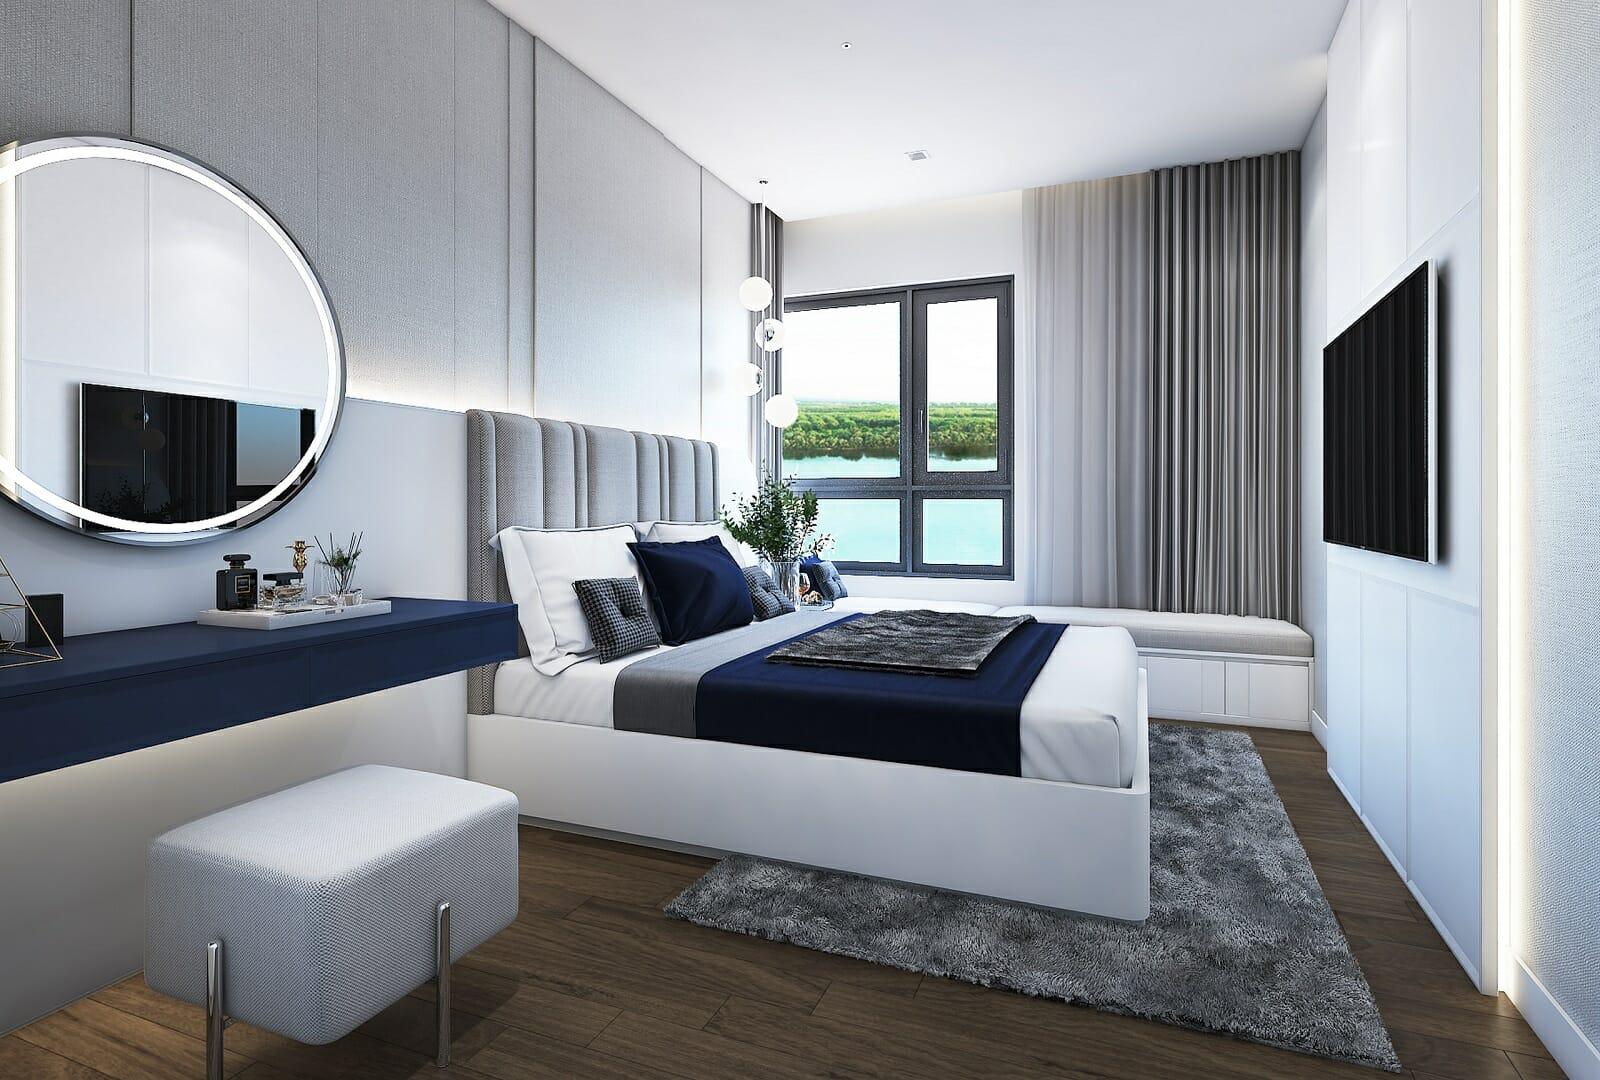 Thiết kế không gian sống căn hộ quận 2 trang nhã, tinh tế